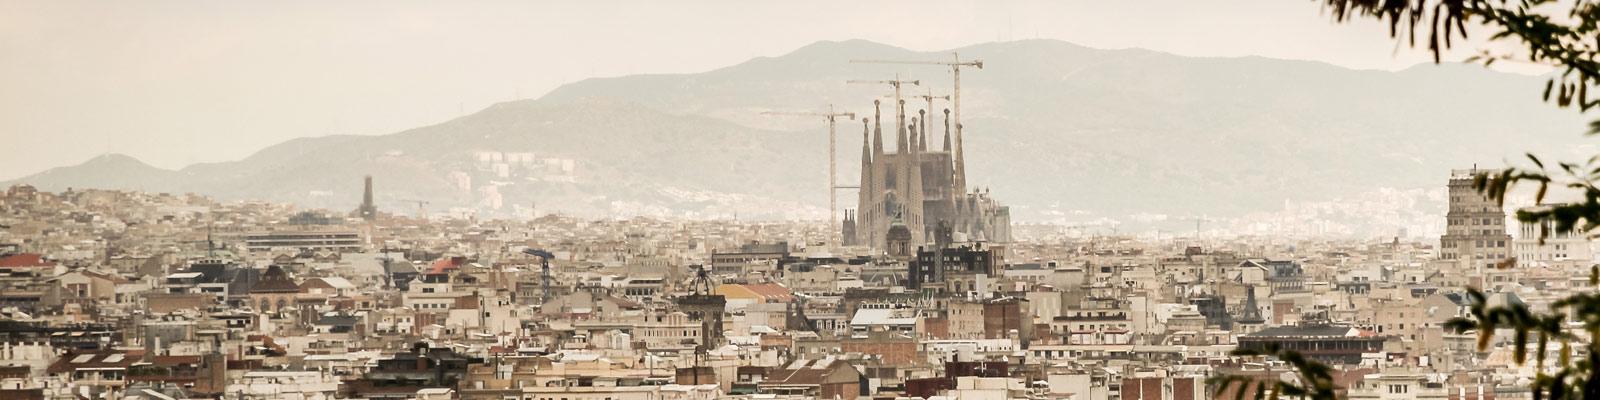 Universitat Politecnica de Catalunya (UPC-Barcelona Tech)<br /> Escola Tecnica Superior d'Enginyers de Camins, Canals i Ports de Barcelona (Civil Engineering School)